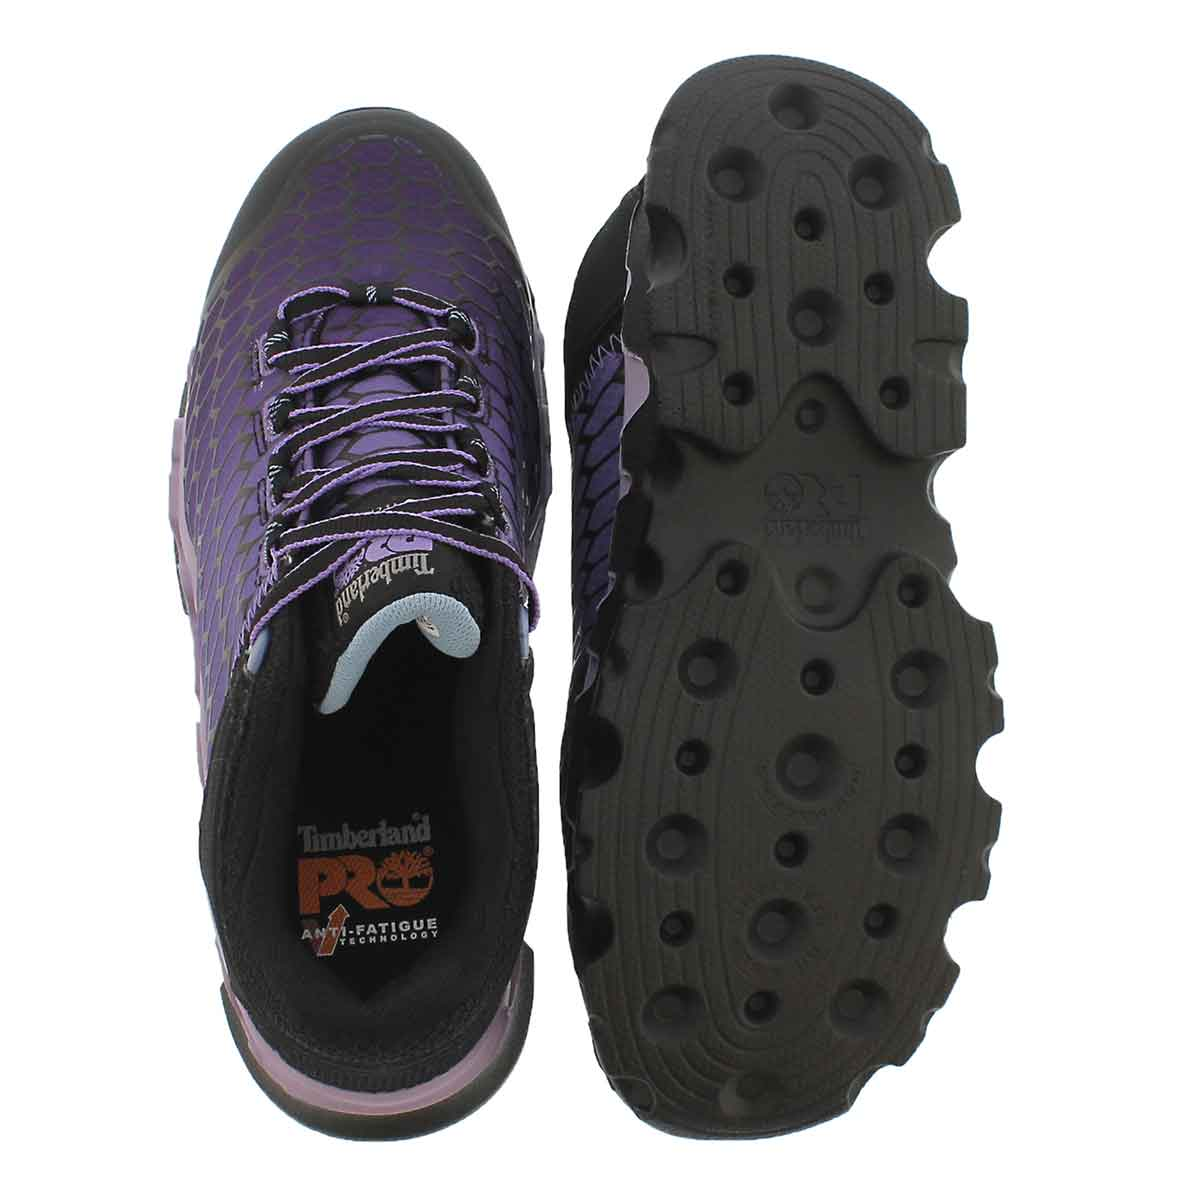 Lds Powertrain Sport ppl CSA sneaker